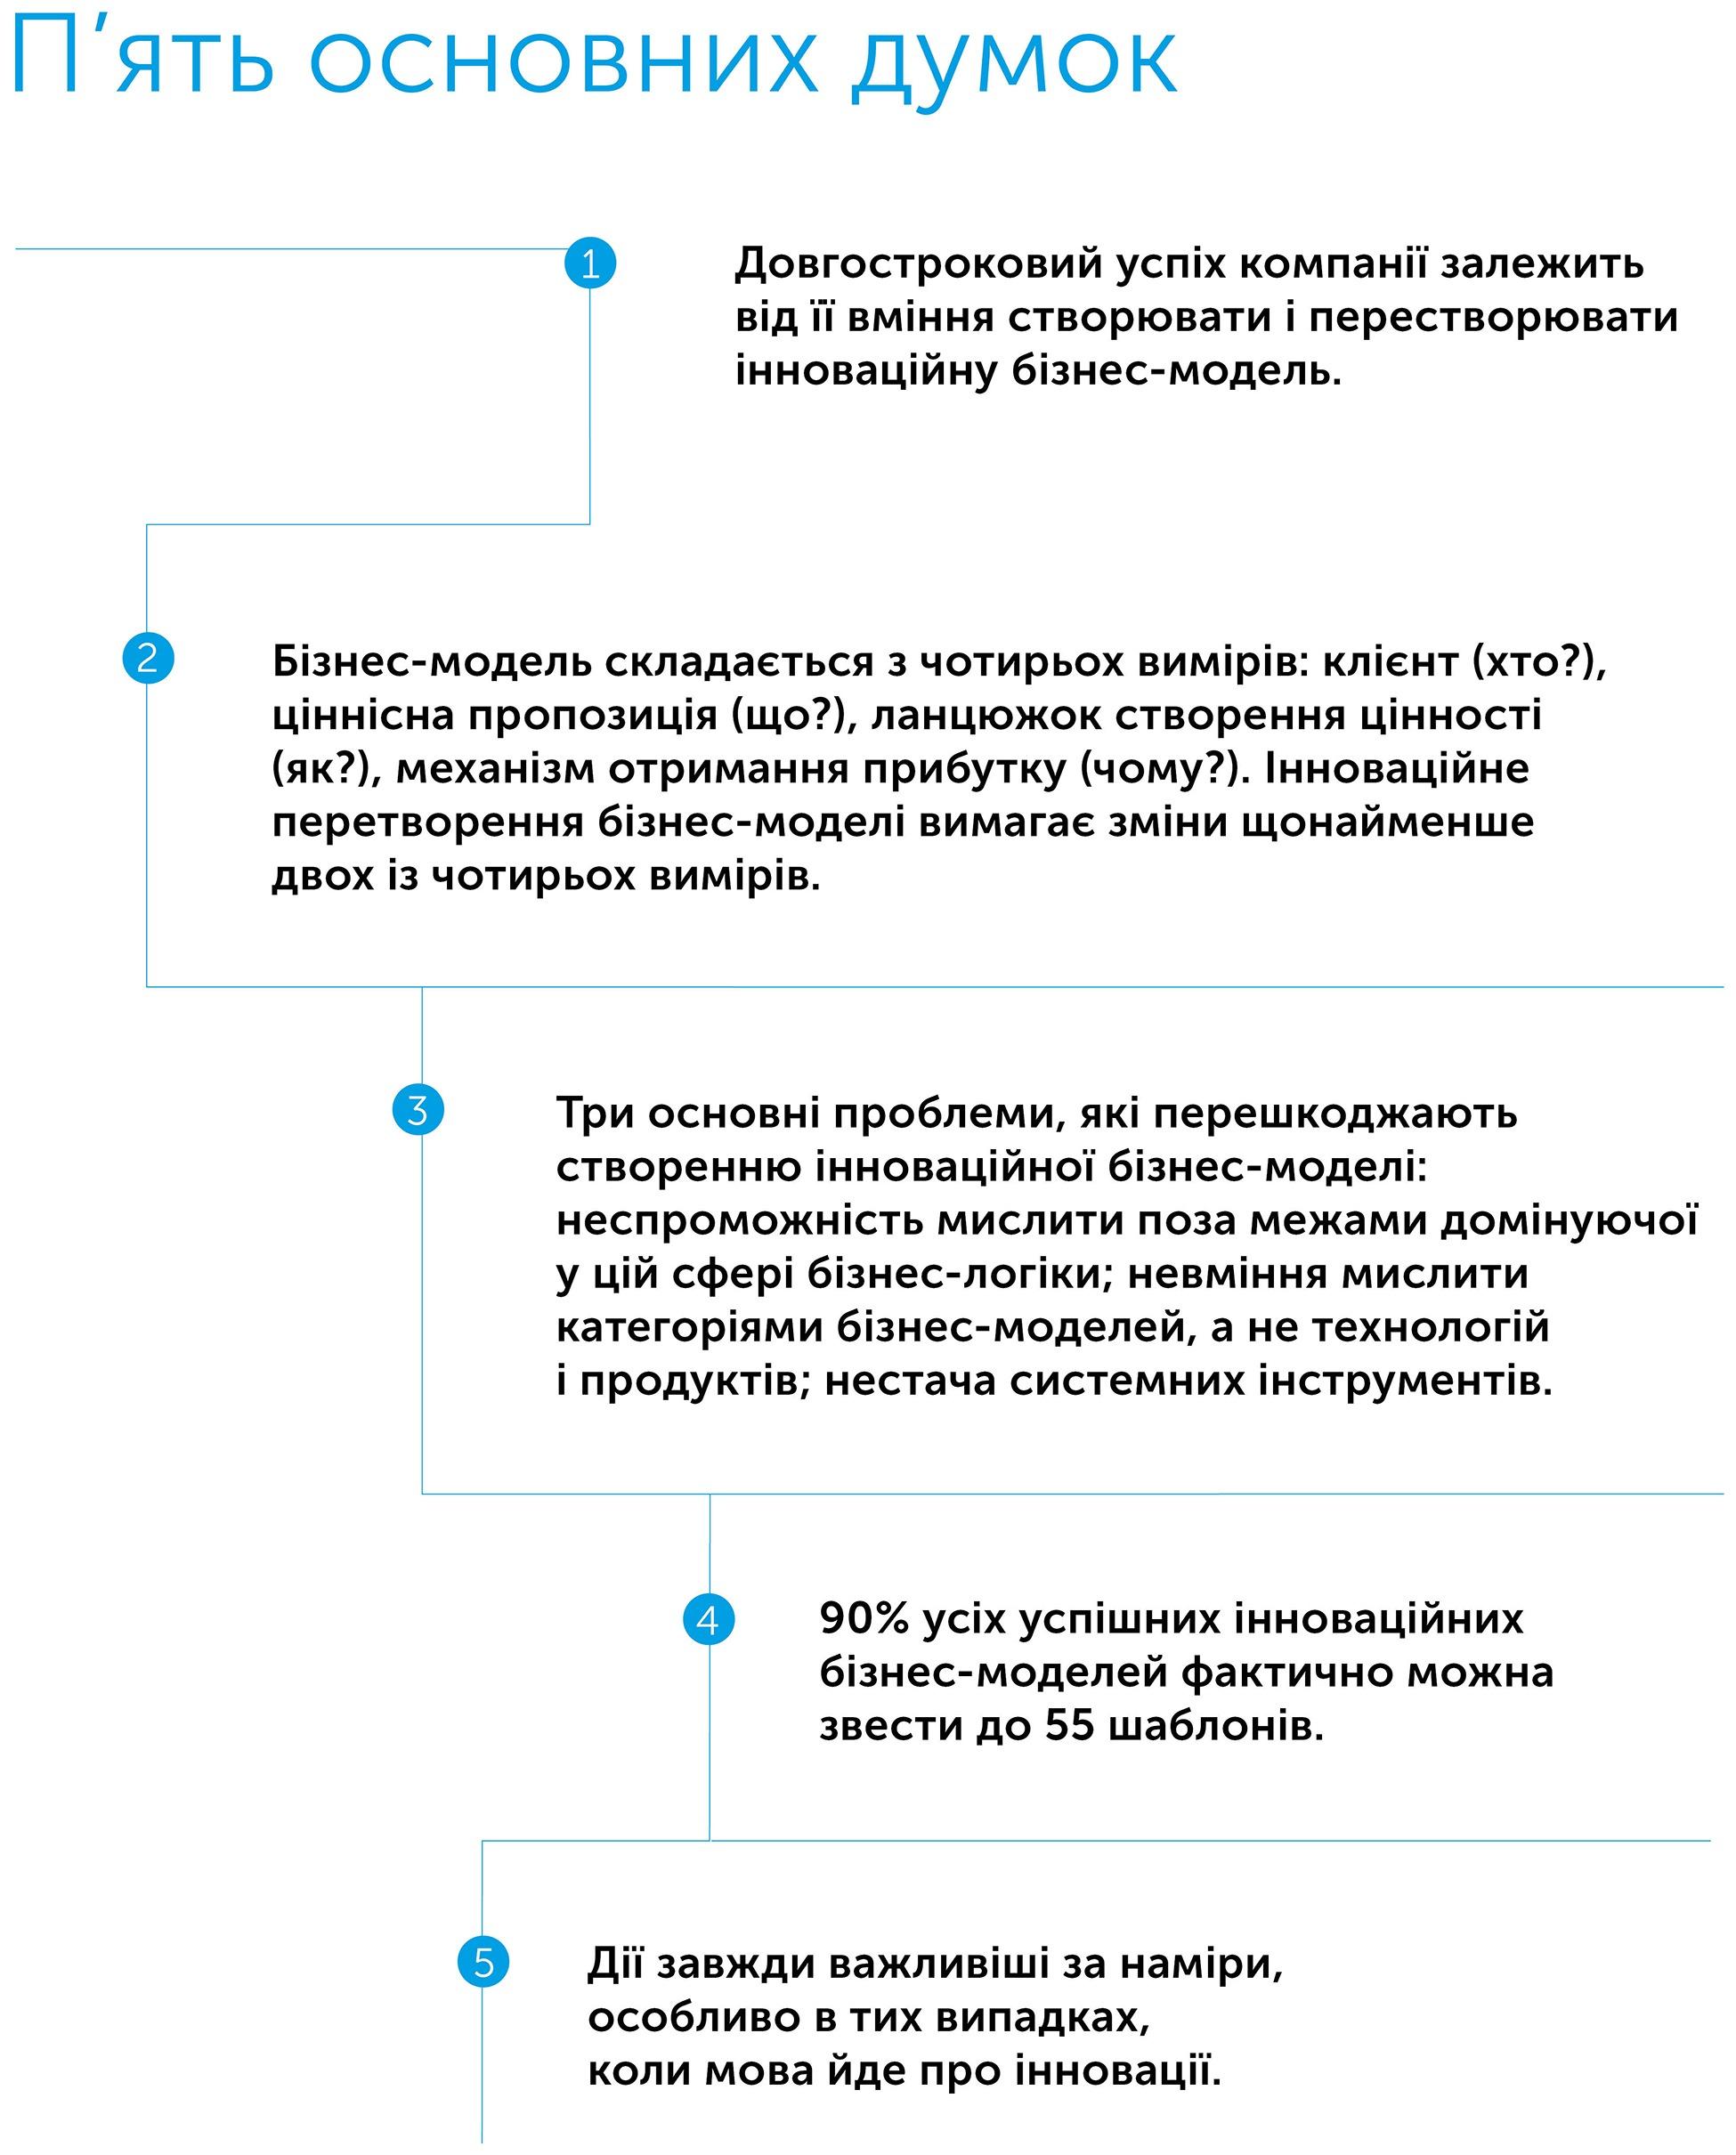 Бізнес-моделі, автор Оливер Гассман | Kyivstar Business Hub, зображення №2